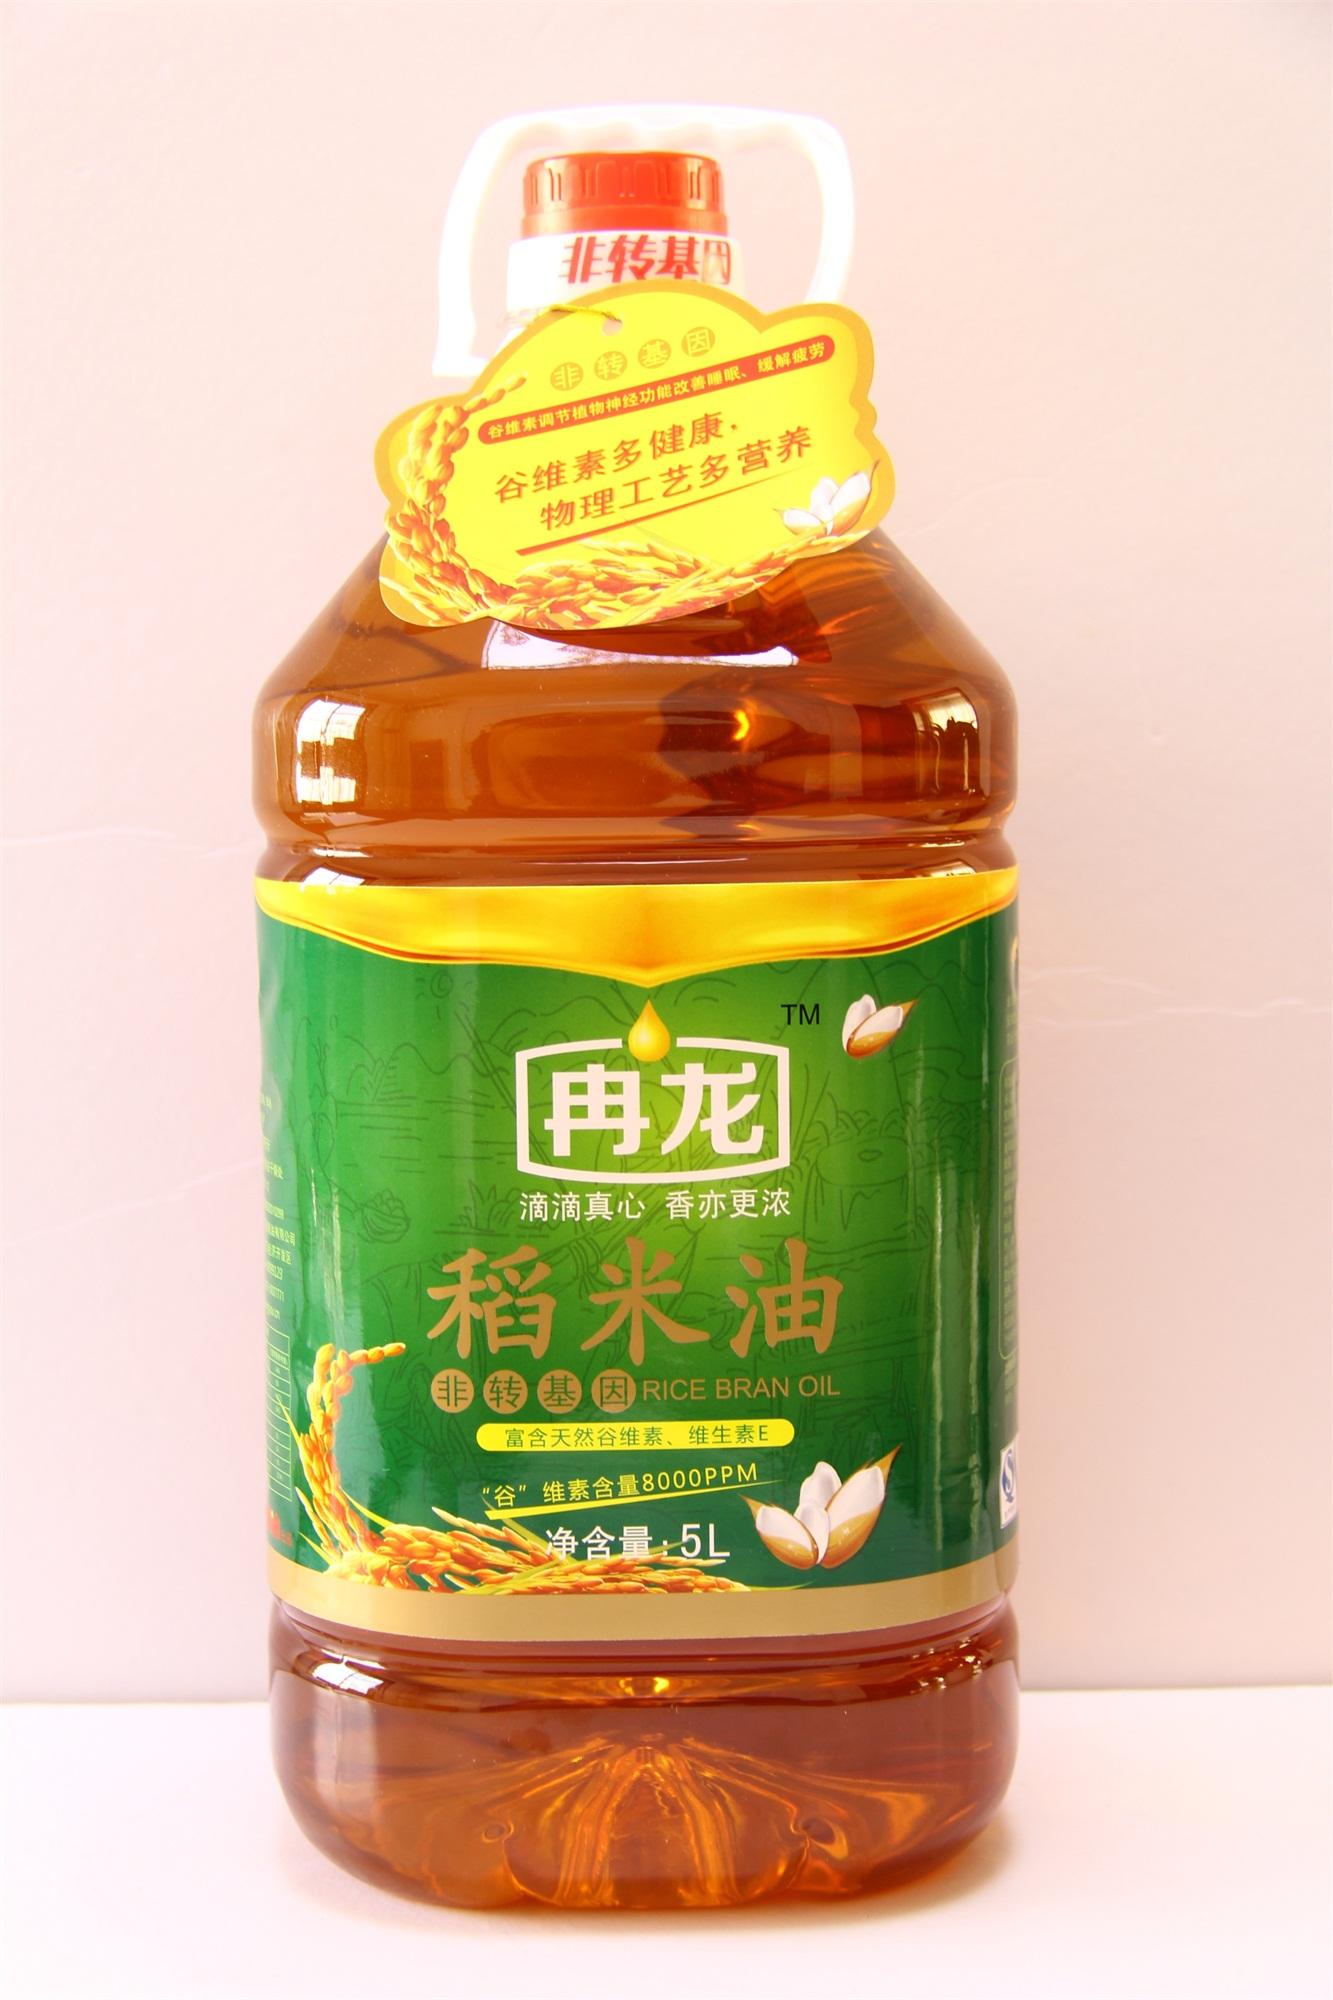 冉龙牌5L稻米油